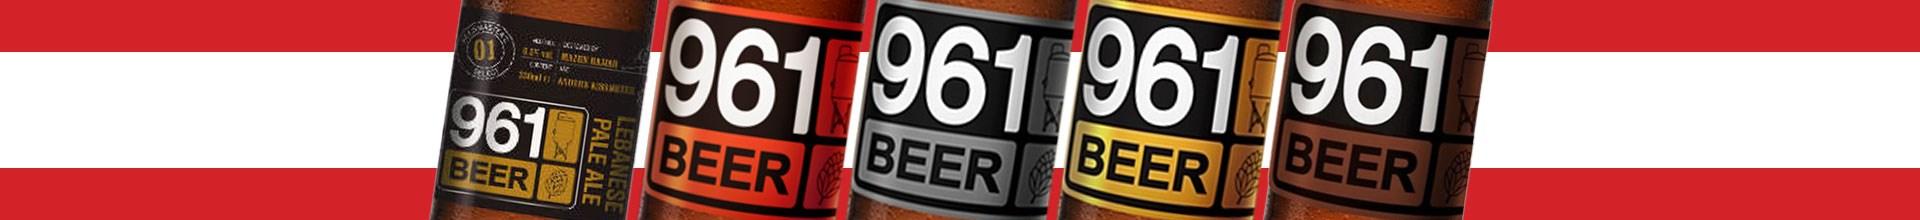 Cervejaria 961 Beer